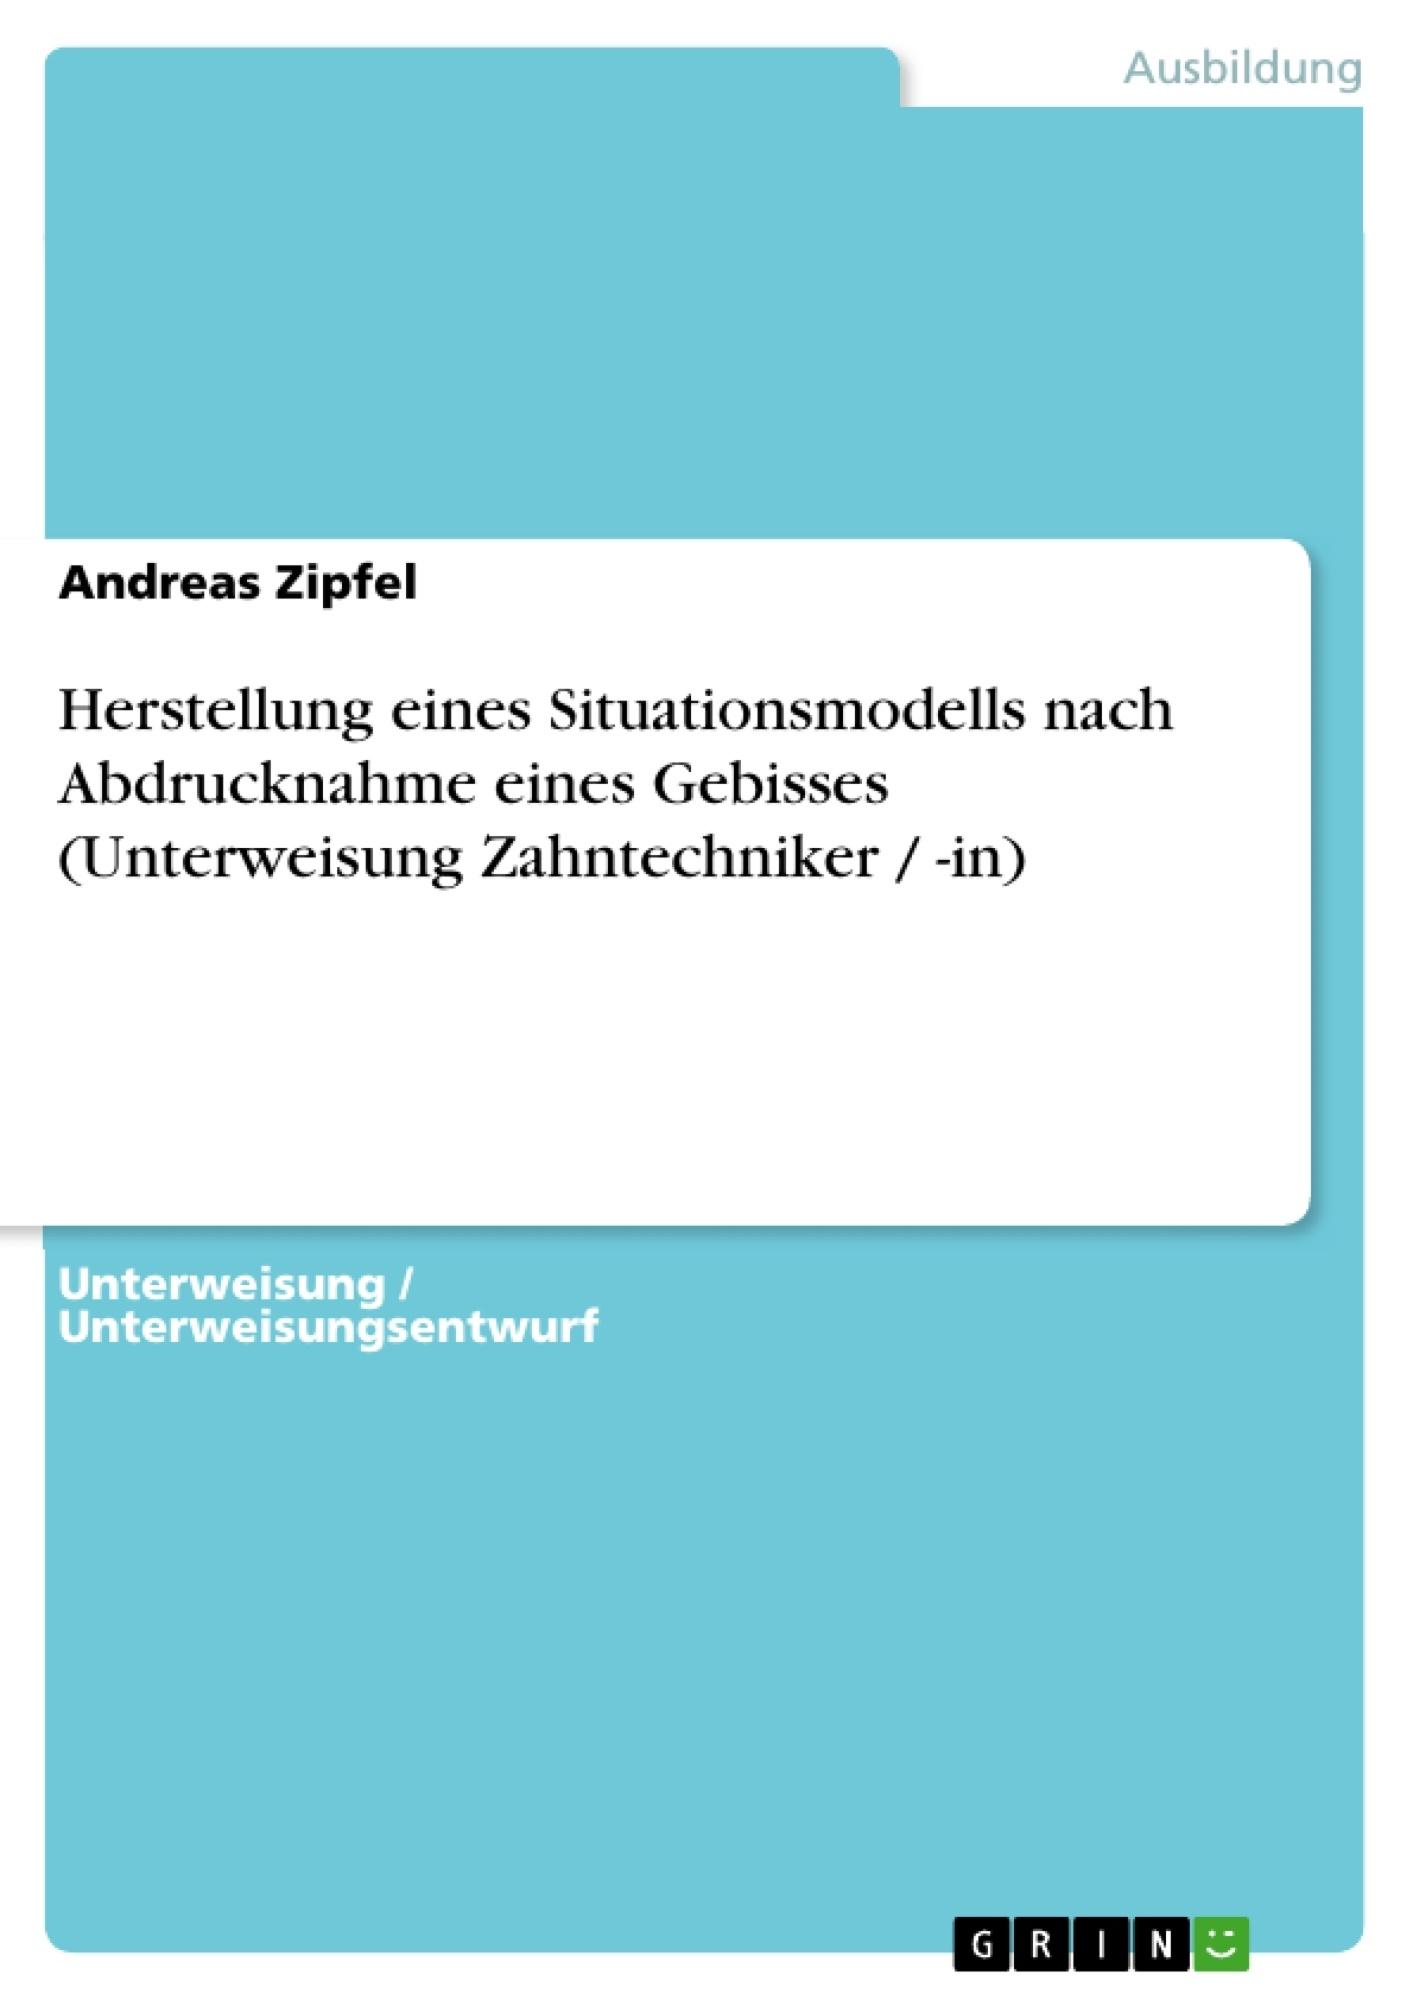 Titel: Herstellung eines Situationsmodells nach Abdrucknahme eines Gebisses (Unterweisung Zahntechniker / -in)